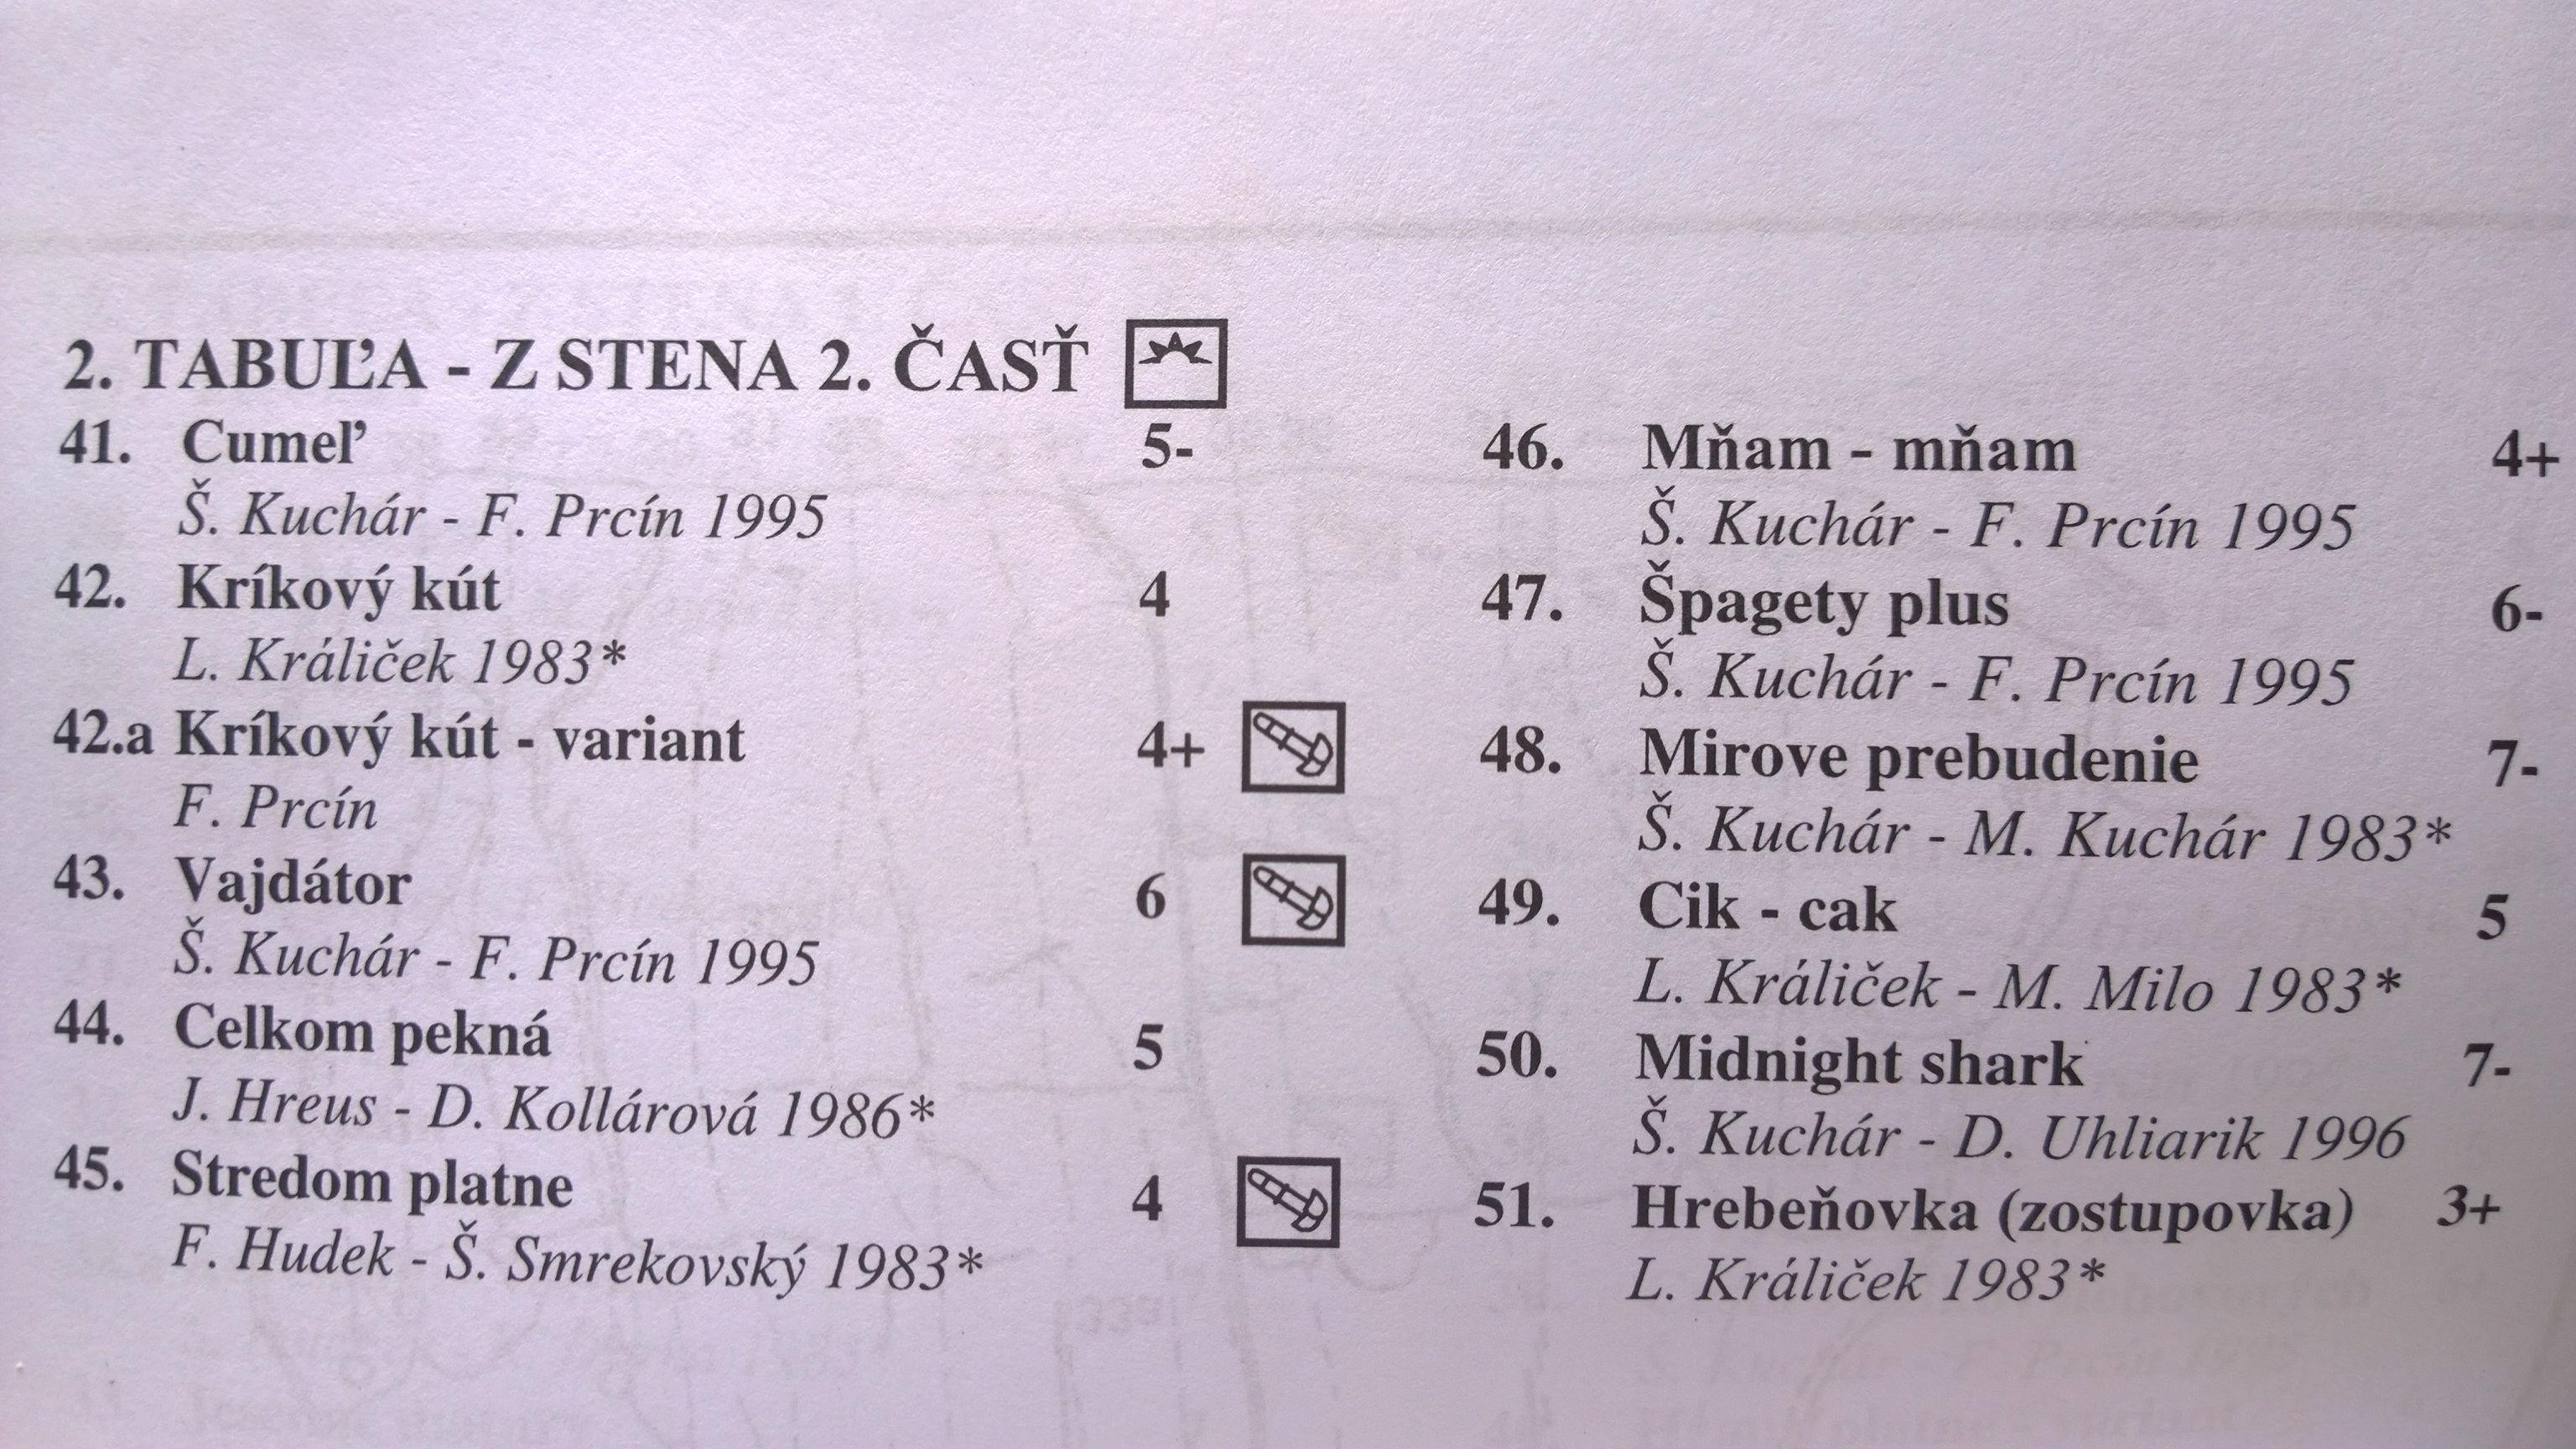 Slovenske_skaly_sulov_prava_cast_tabula_sprievodca